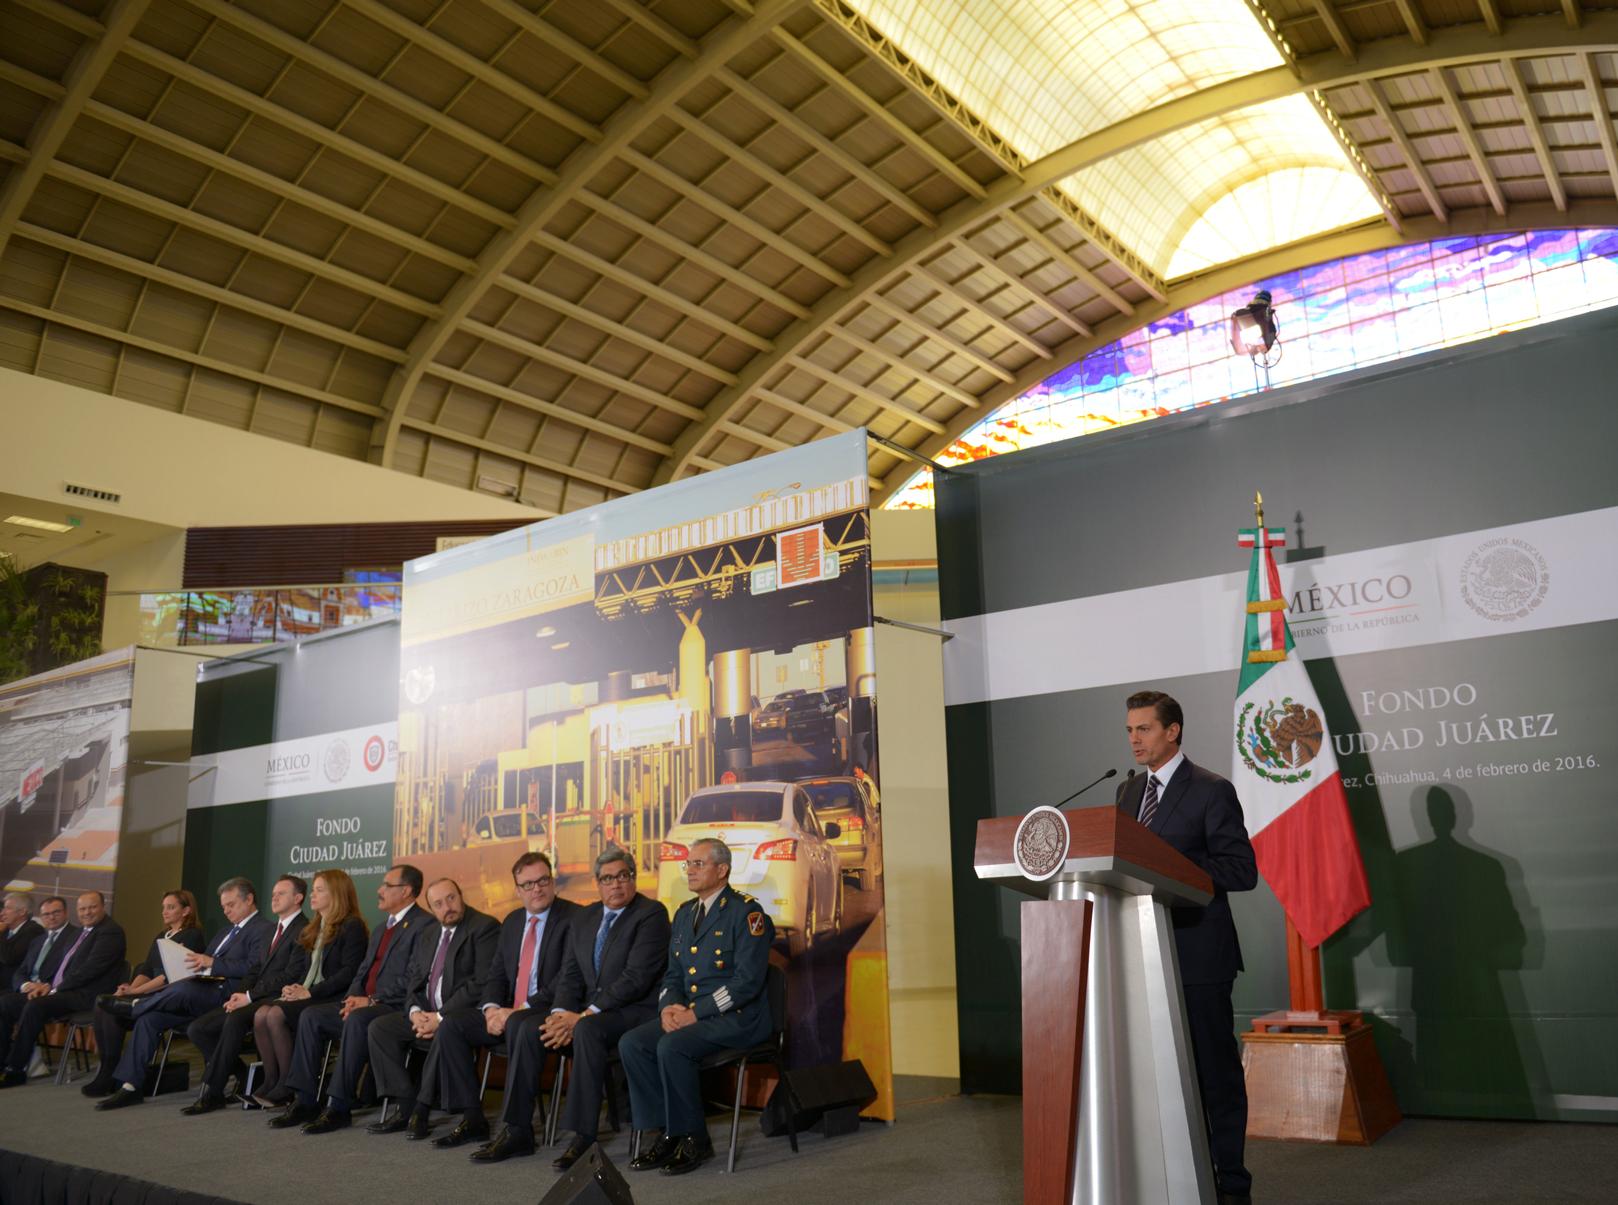 El Fondo Ciudad Juárez cuenta con un capital inicial de mil 600 millones de pesos.